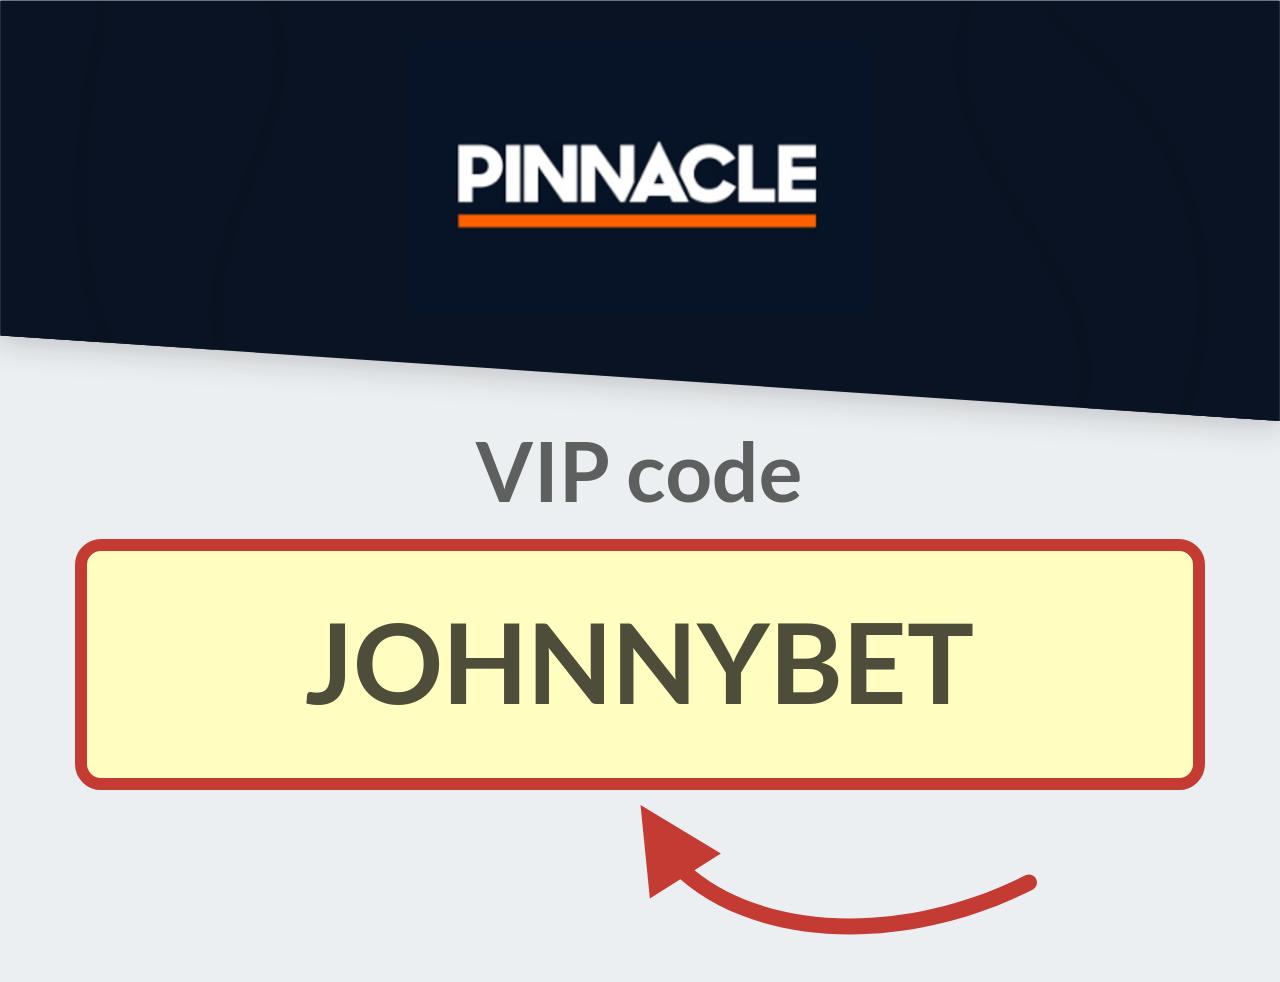 Pinnacle VIP 코드